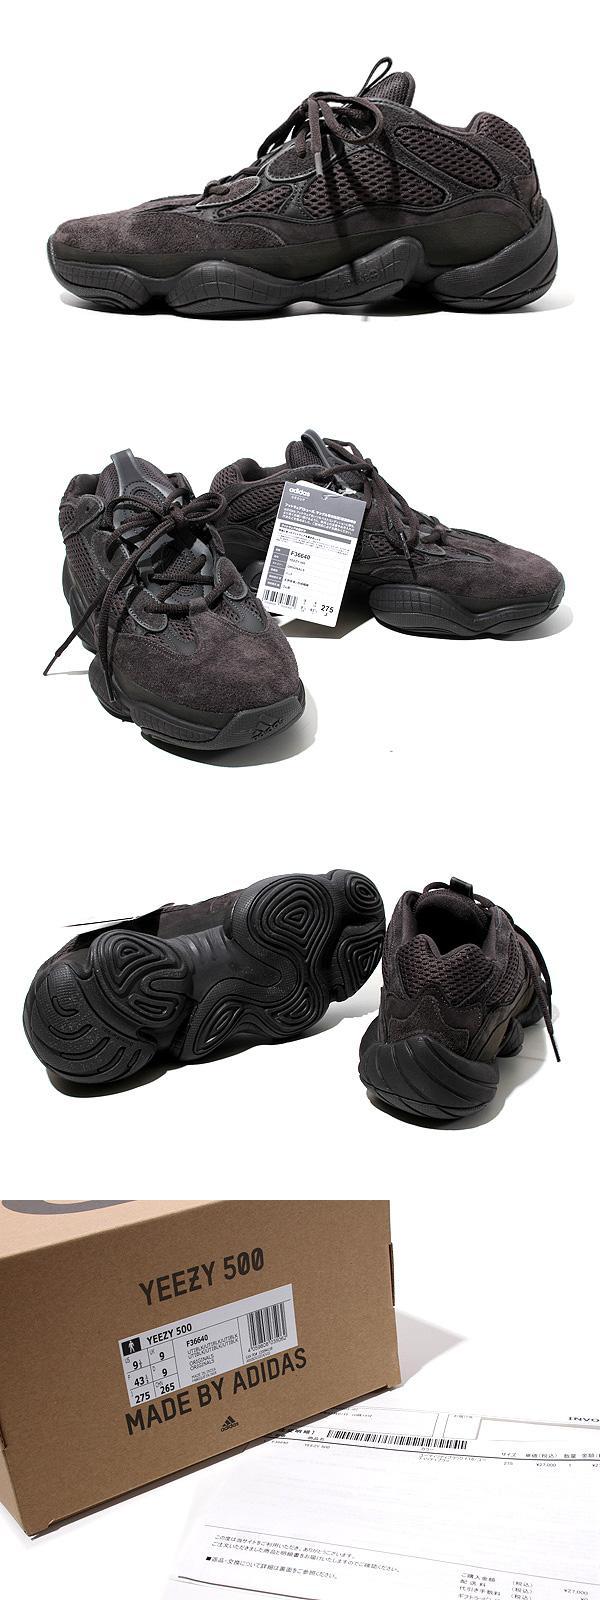 未使用品 adidas アディダス F36640 Yeezy 500 UTILITY BLACK イージー ユーティリティブラック US9.5 27.5cm/●